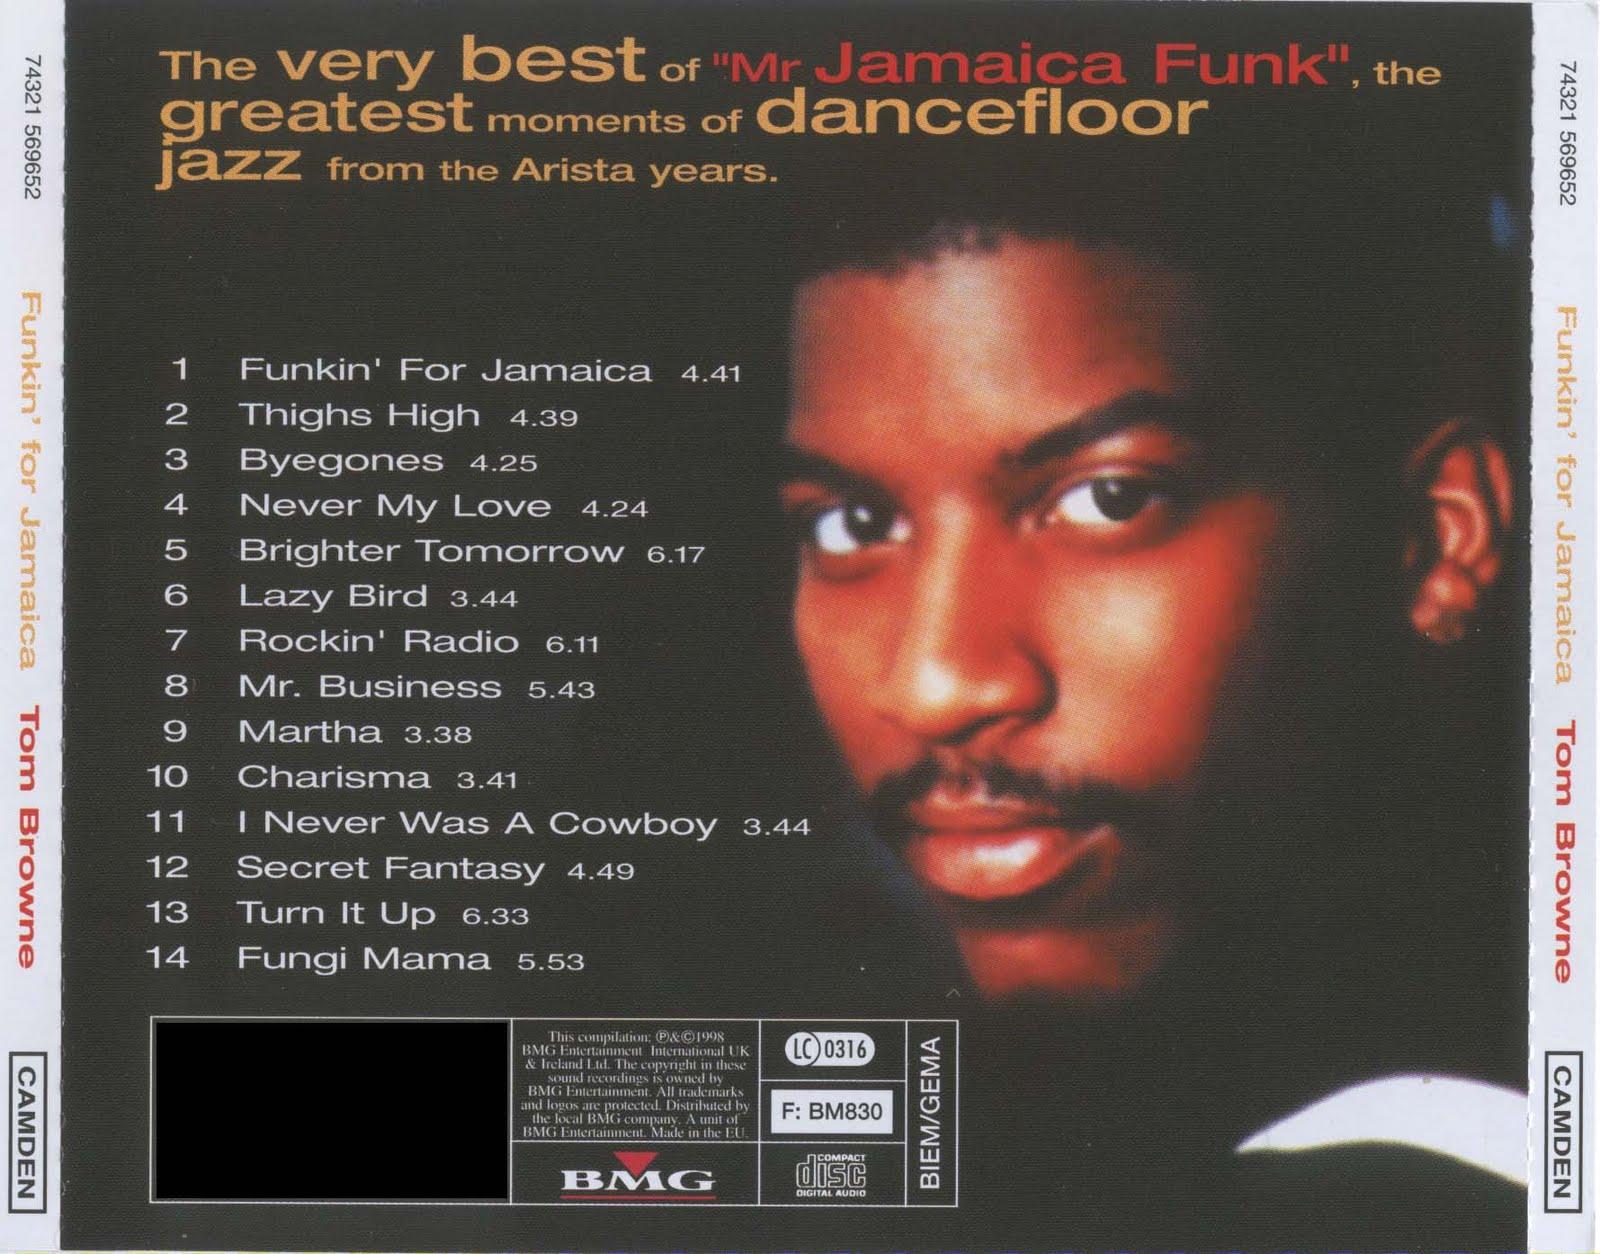 Black Power Music Cd 181